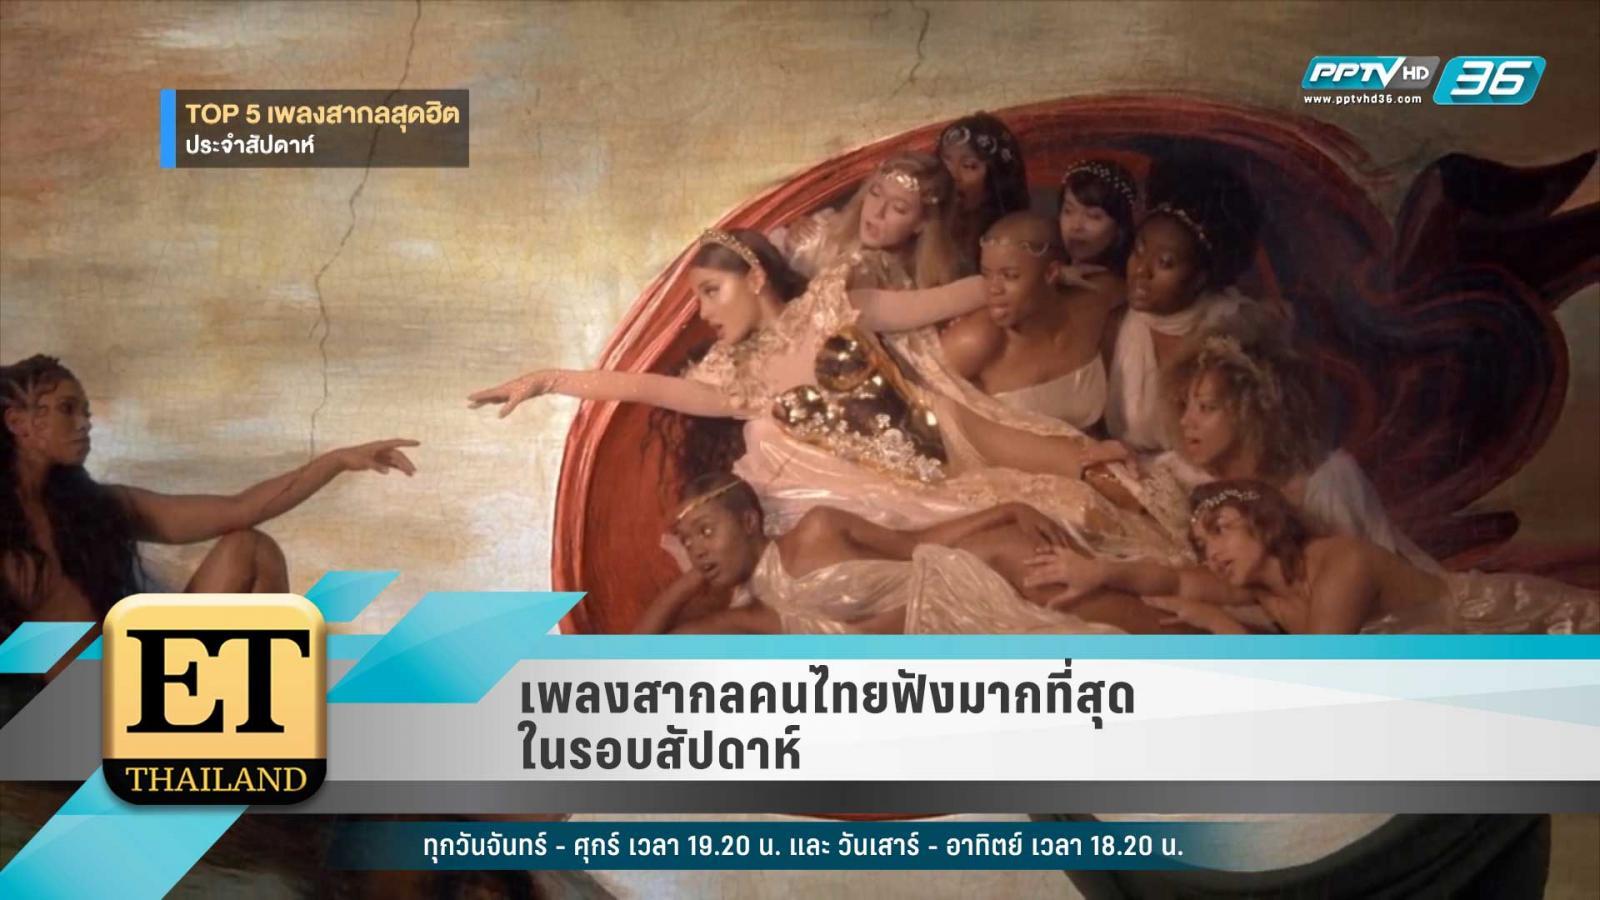 5อันดับเพลงสากลประจำสัปดาห์ ที่คนไทยฟังมากที่สุด